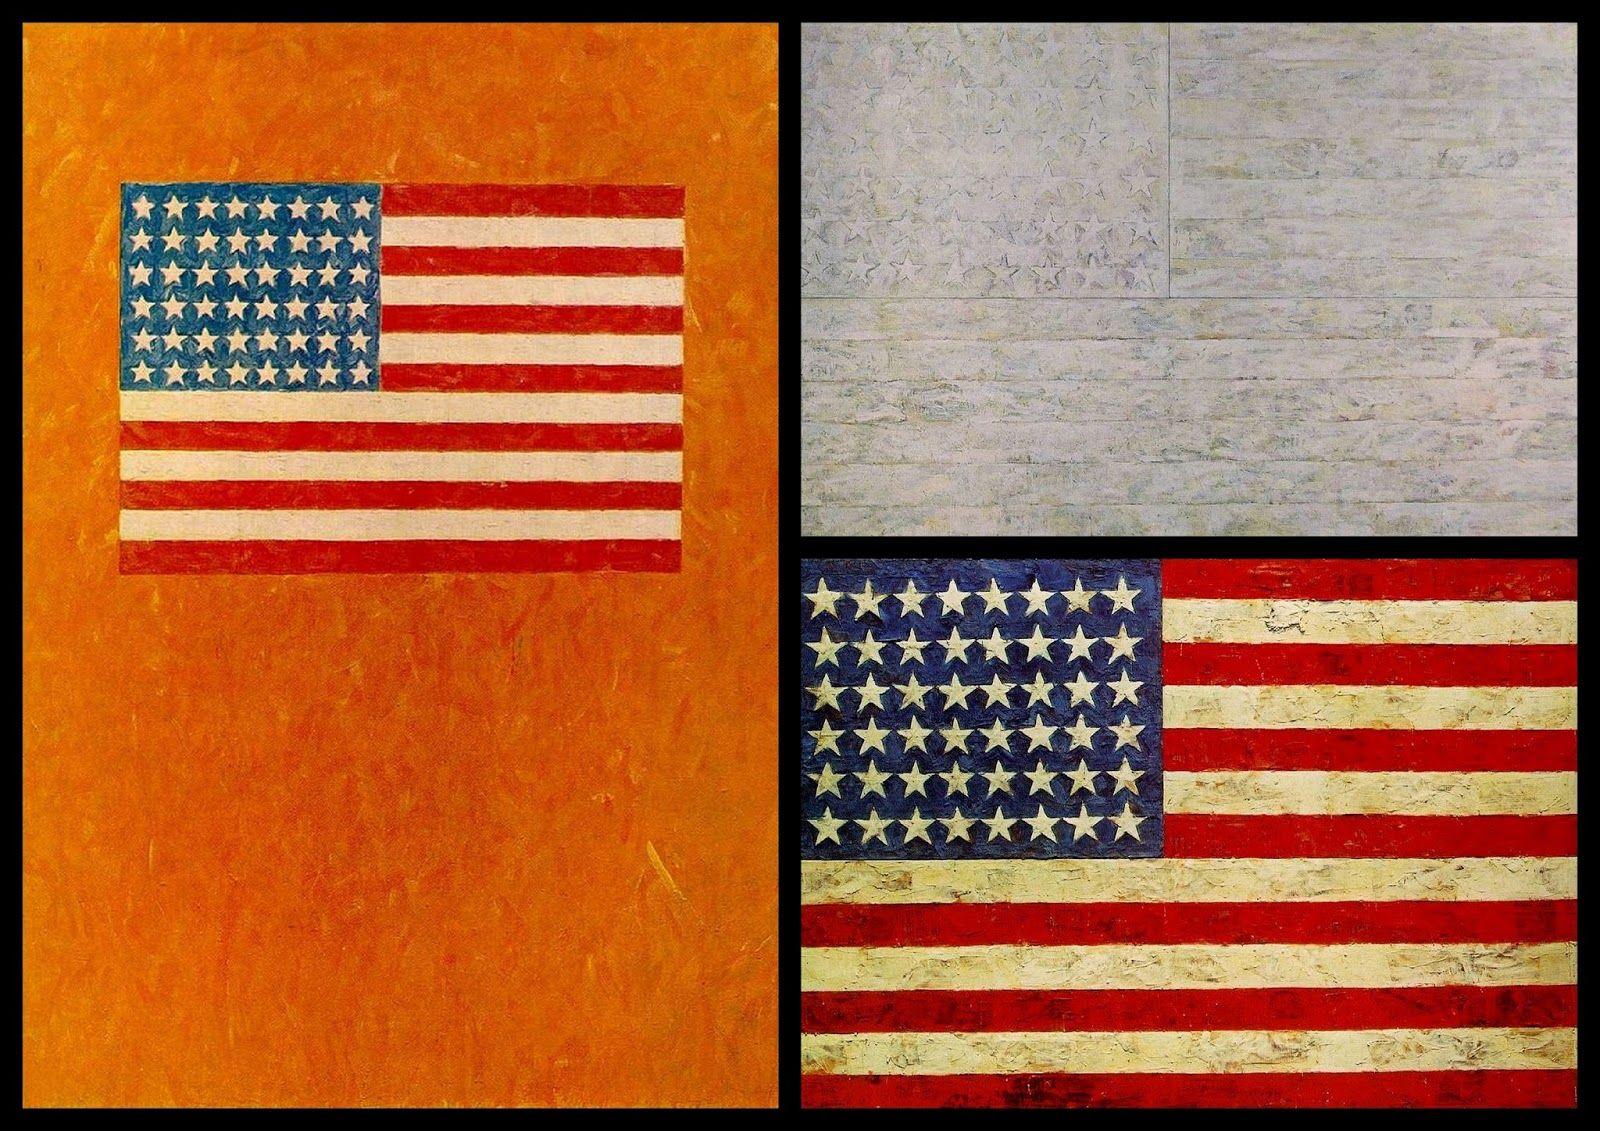 Jasper Johns Collage I Usa Flag Jasper Johns Usa Flag Collage